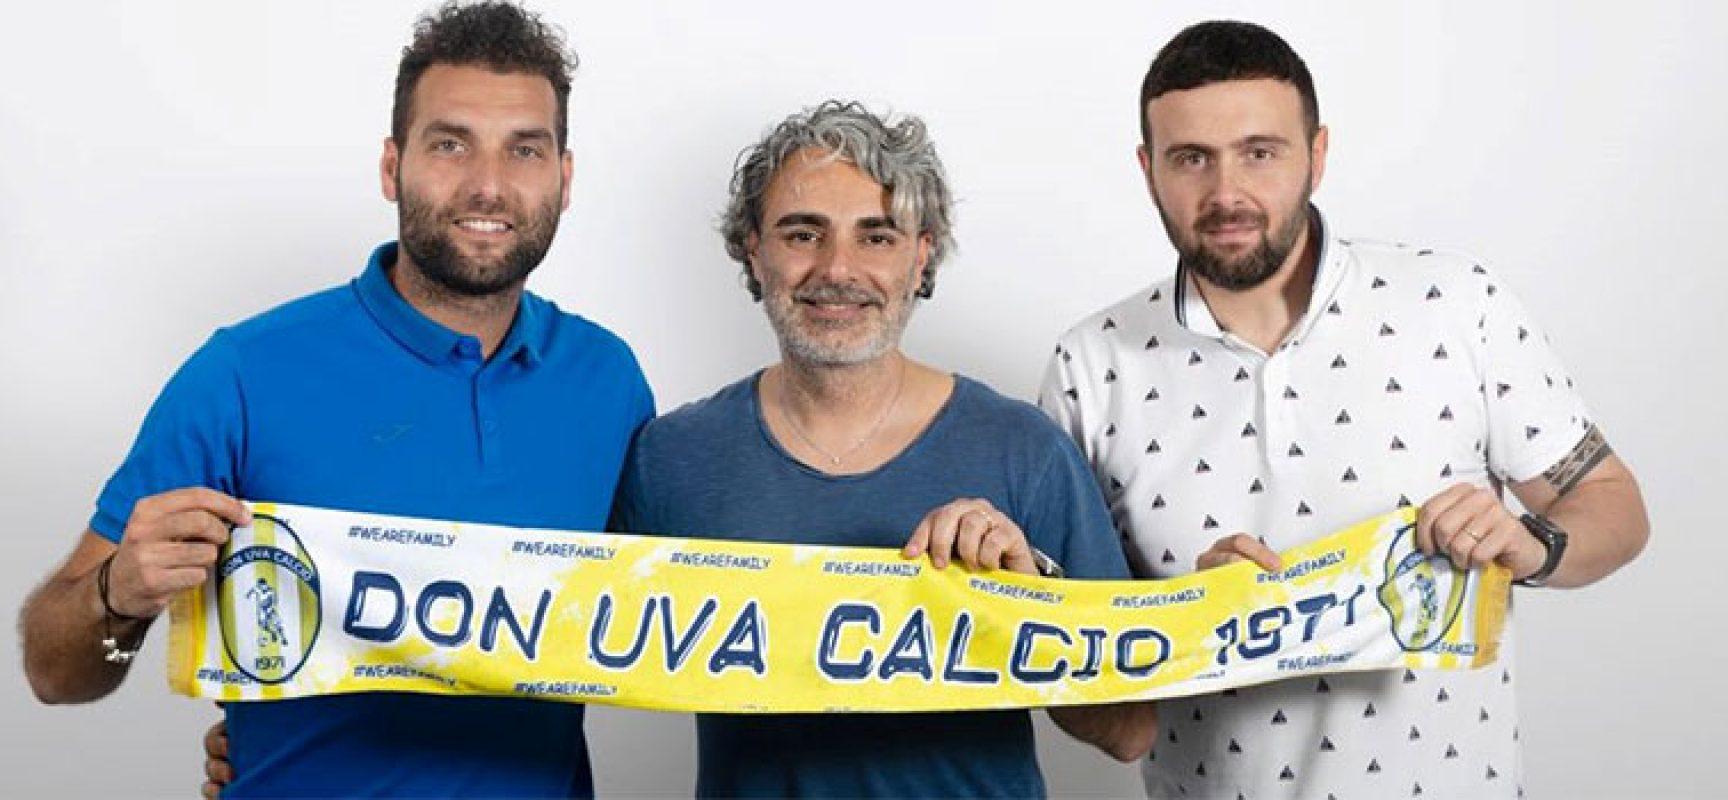 Il Don Uva ha scelto il suo tecnico, ufficiale l'arrivo di Domenico Capurso